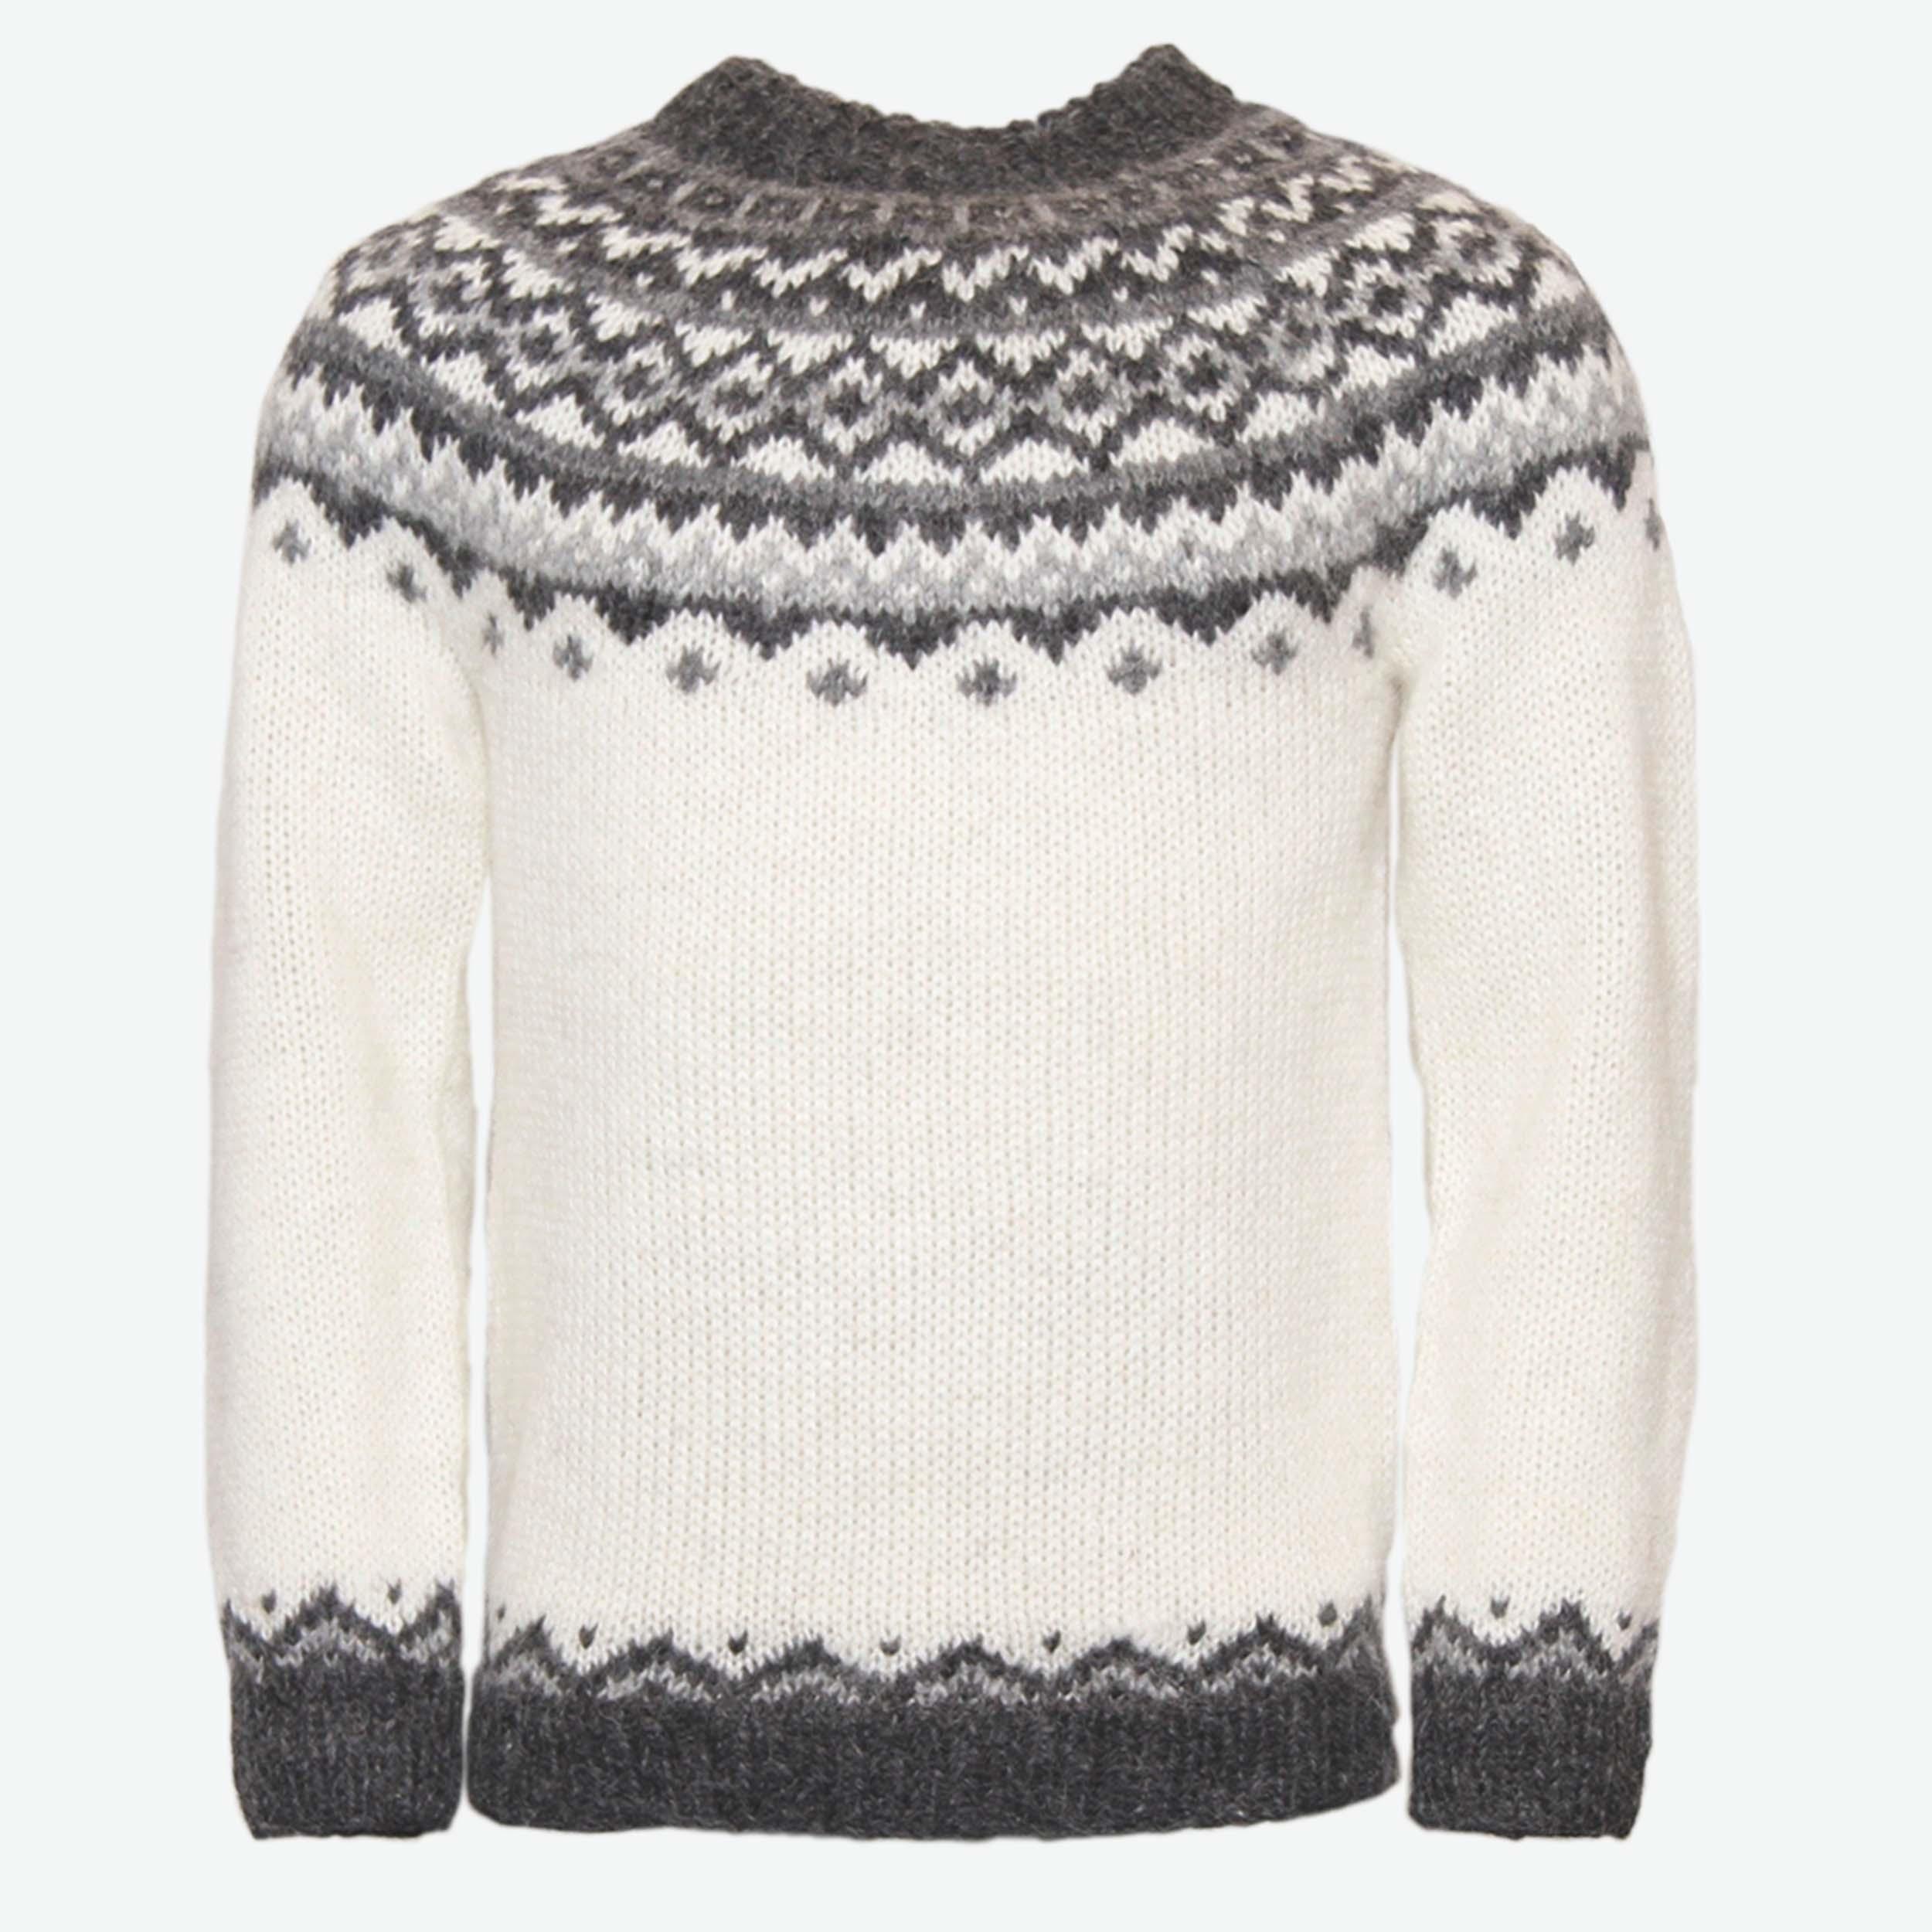 ICEWEAR Skj/öldur Handgestrickter Pullover aus 100 /% isl/ändischer Wolle mit Rei/ßverschluss und Kapuze.